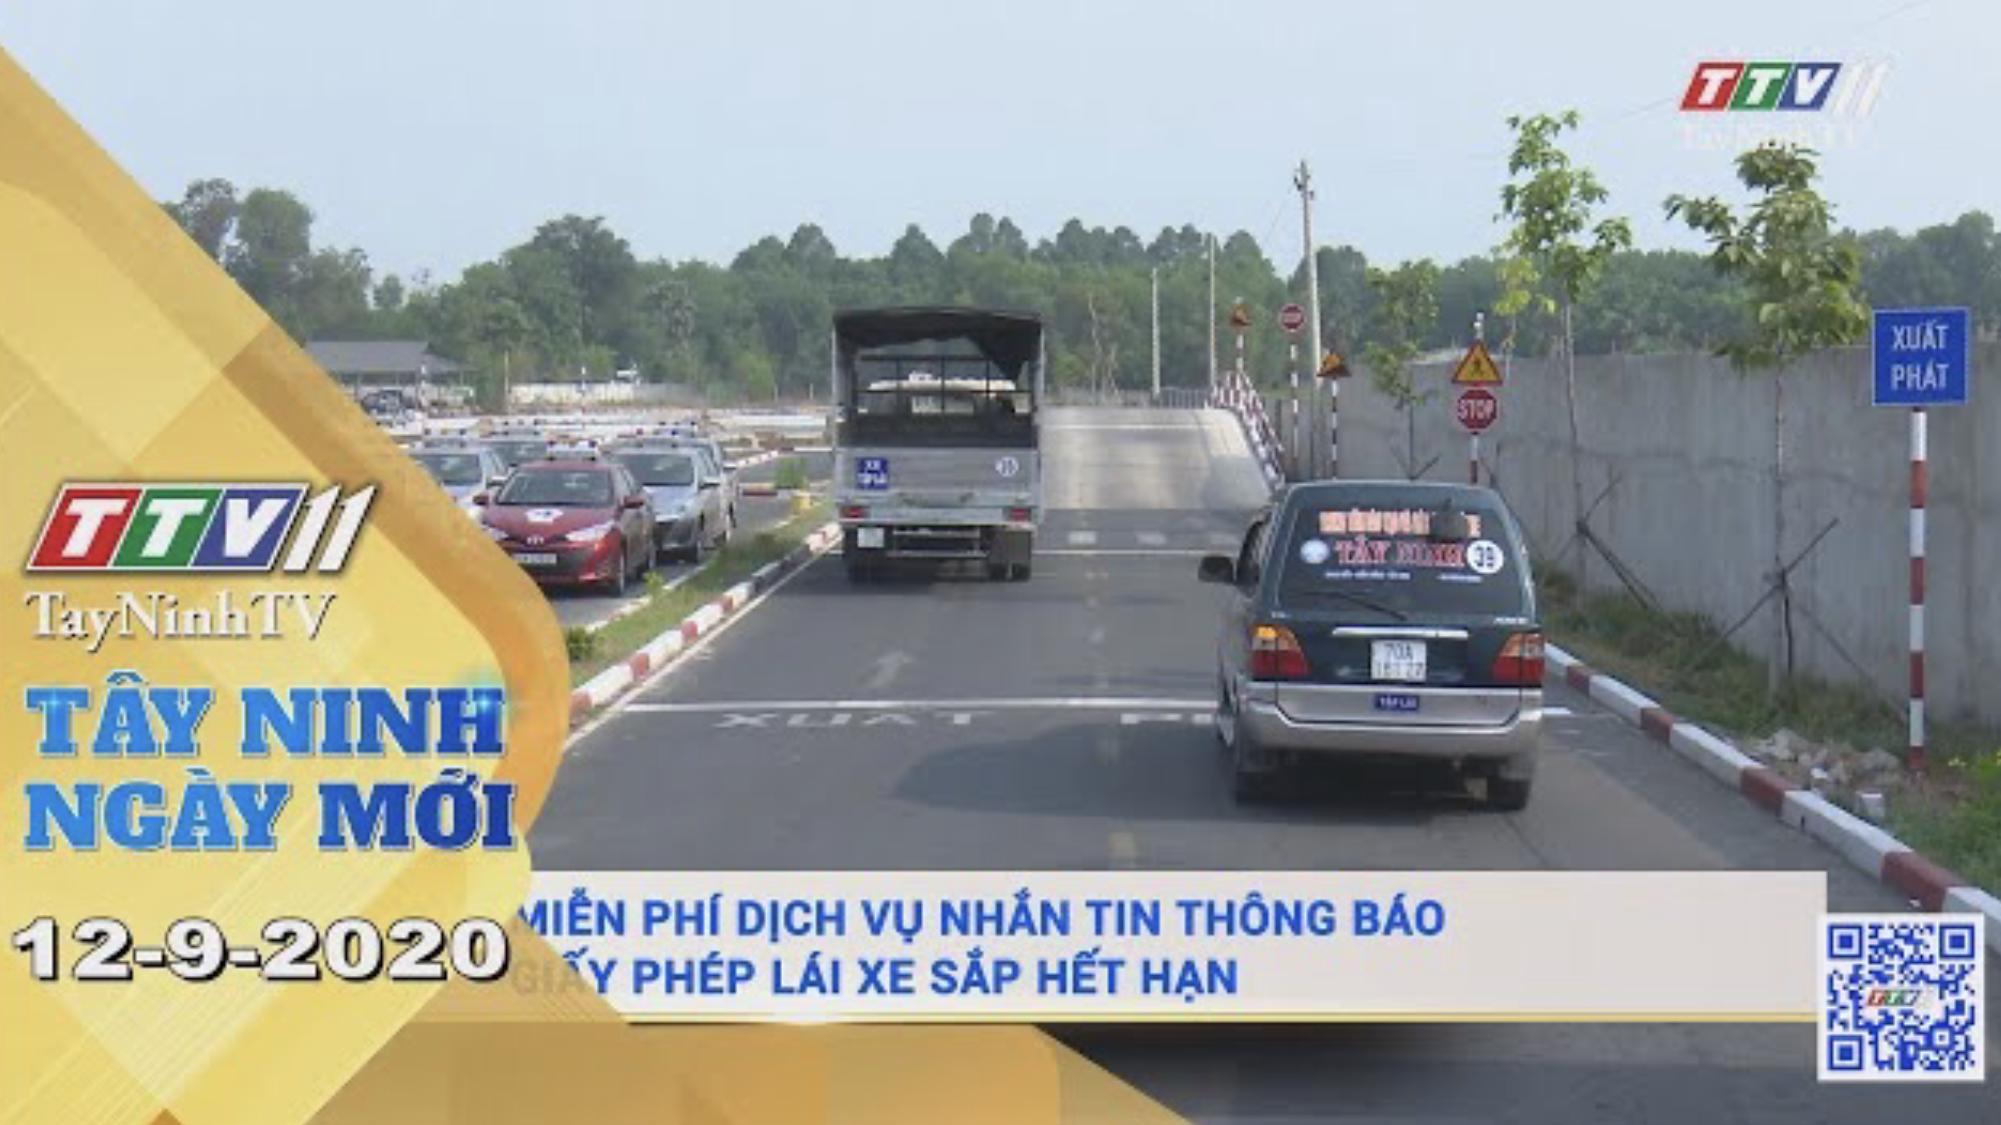 Tây Ninh Ngày Mới 12-9-2020 | Tin tức hôm nay | TayNinhTV